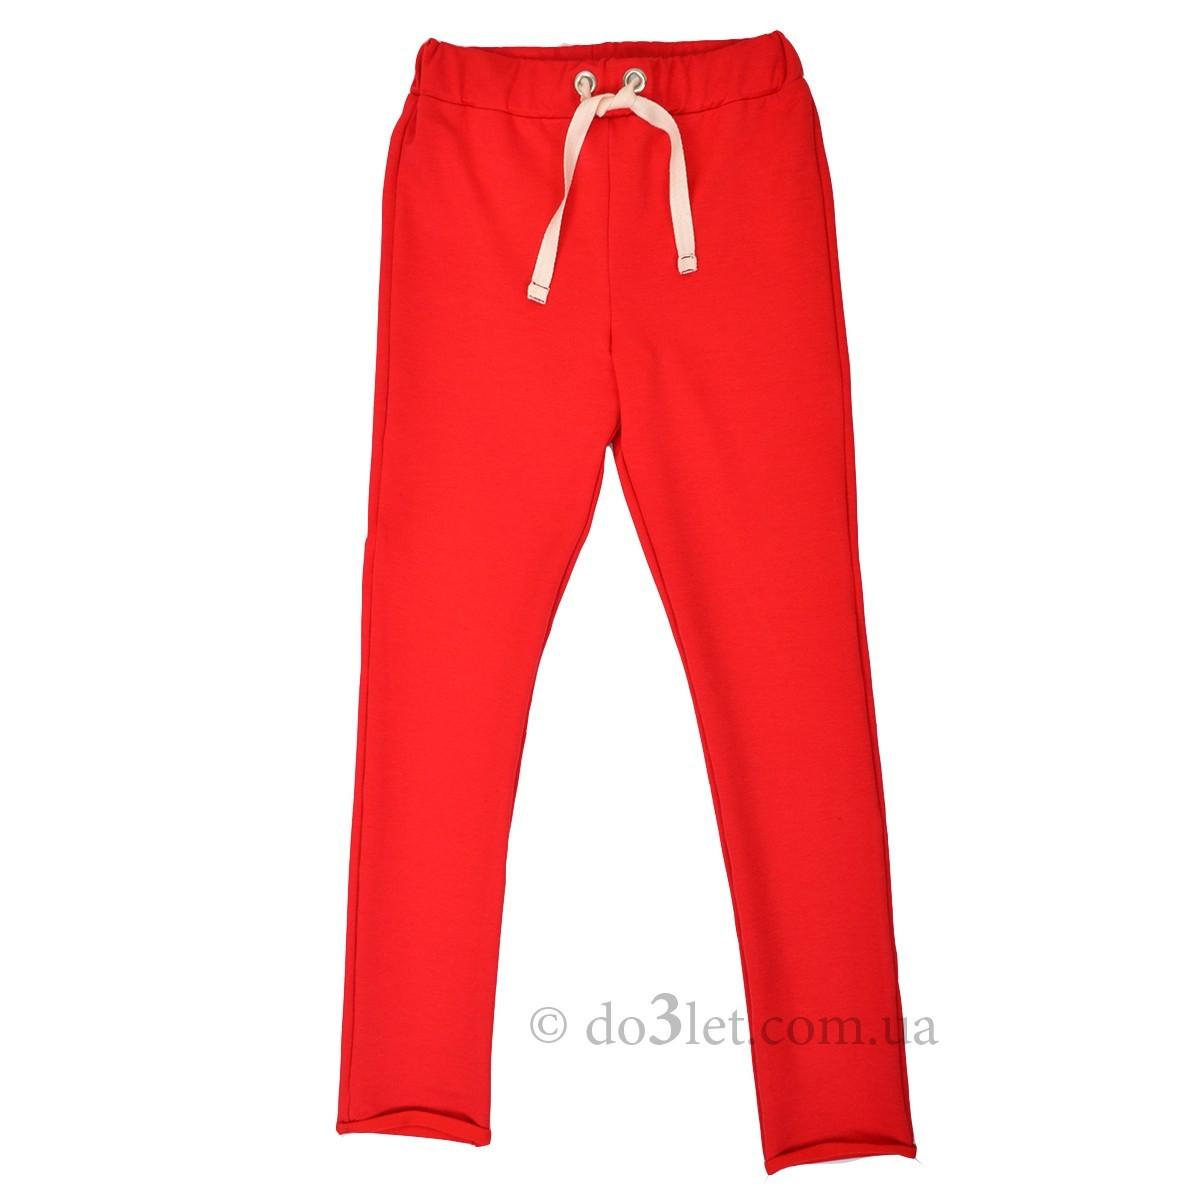 21a6f0e9 Зауженные спортивные штаны для девочки Timbo H025469 р.122 красный -  DetiTop.com -